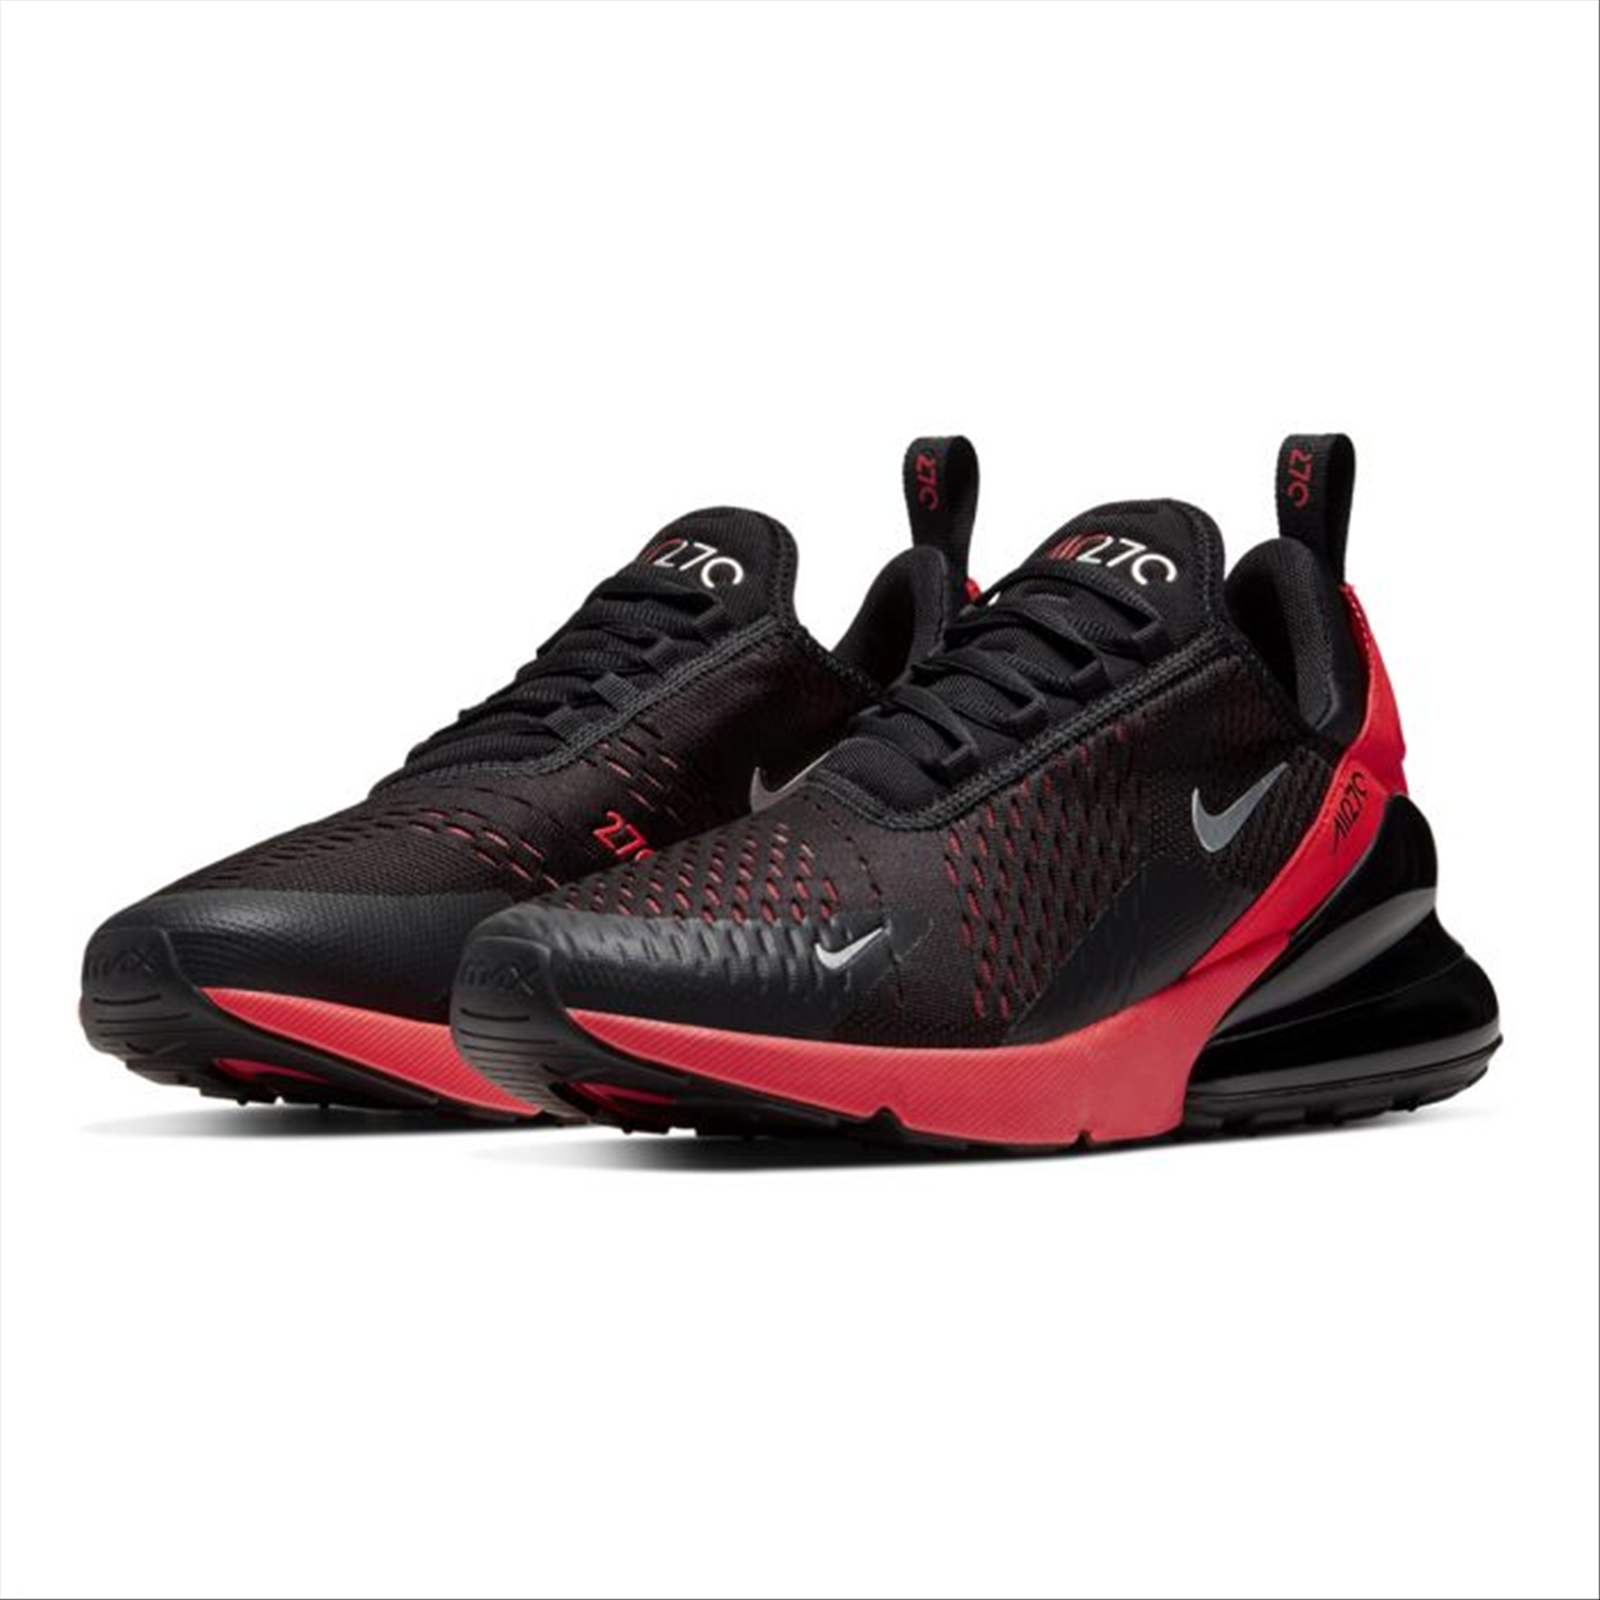 Dettagli su Scarpette Nike air max 270 AH8050 026 uomo colore nero listino € 155,00